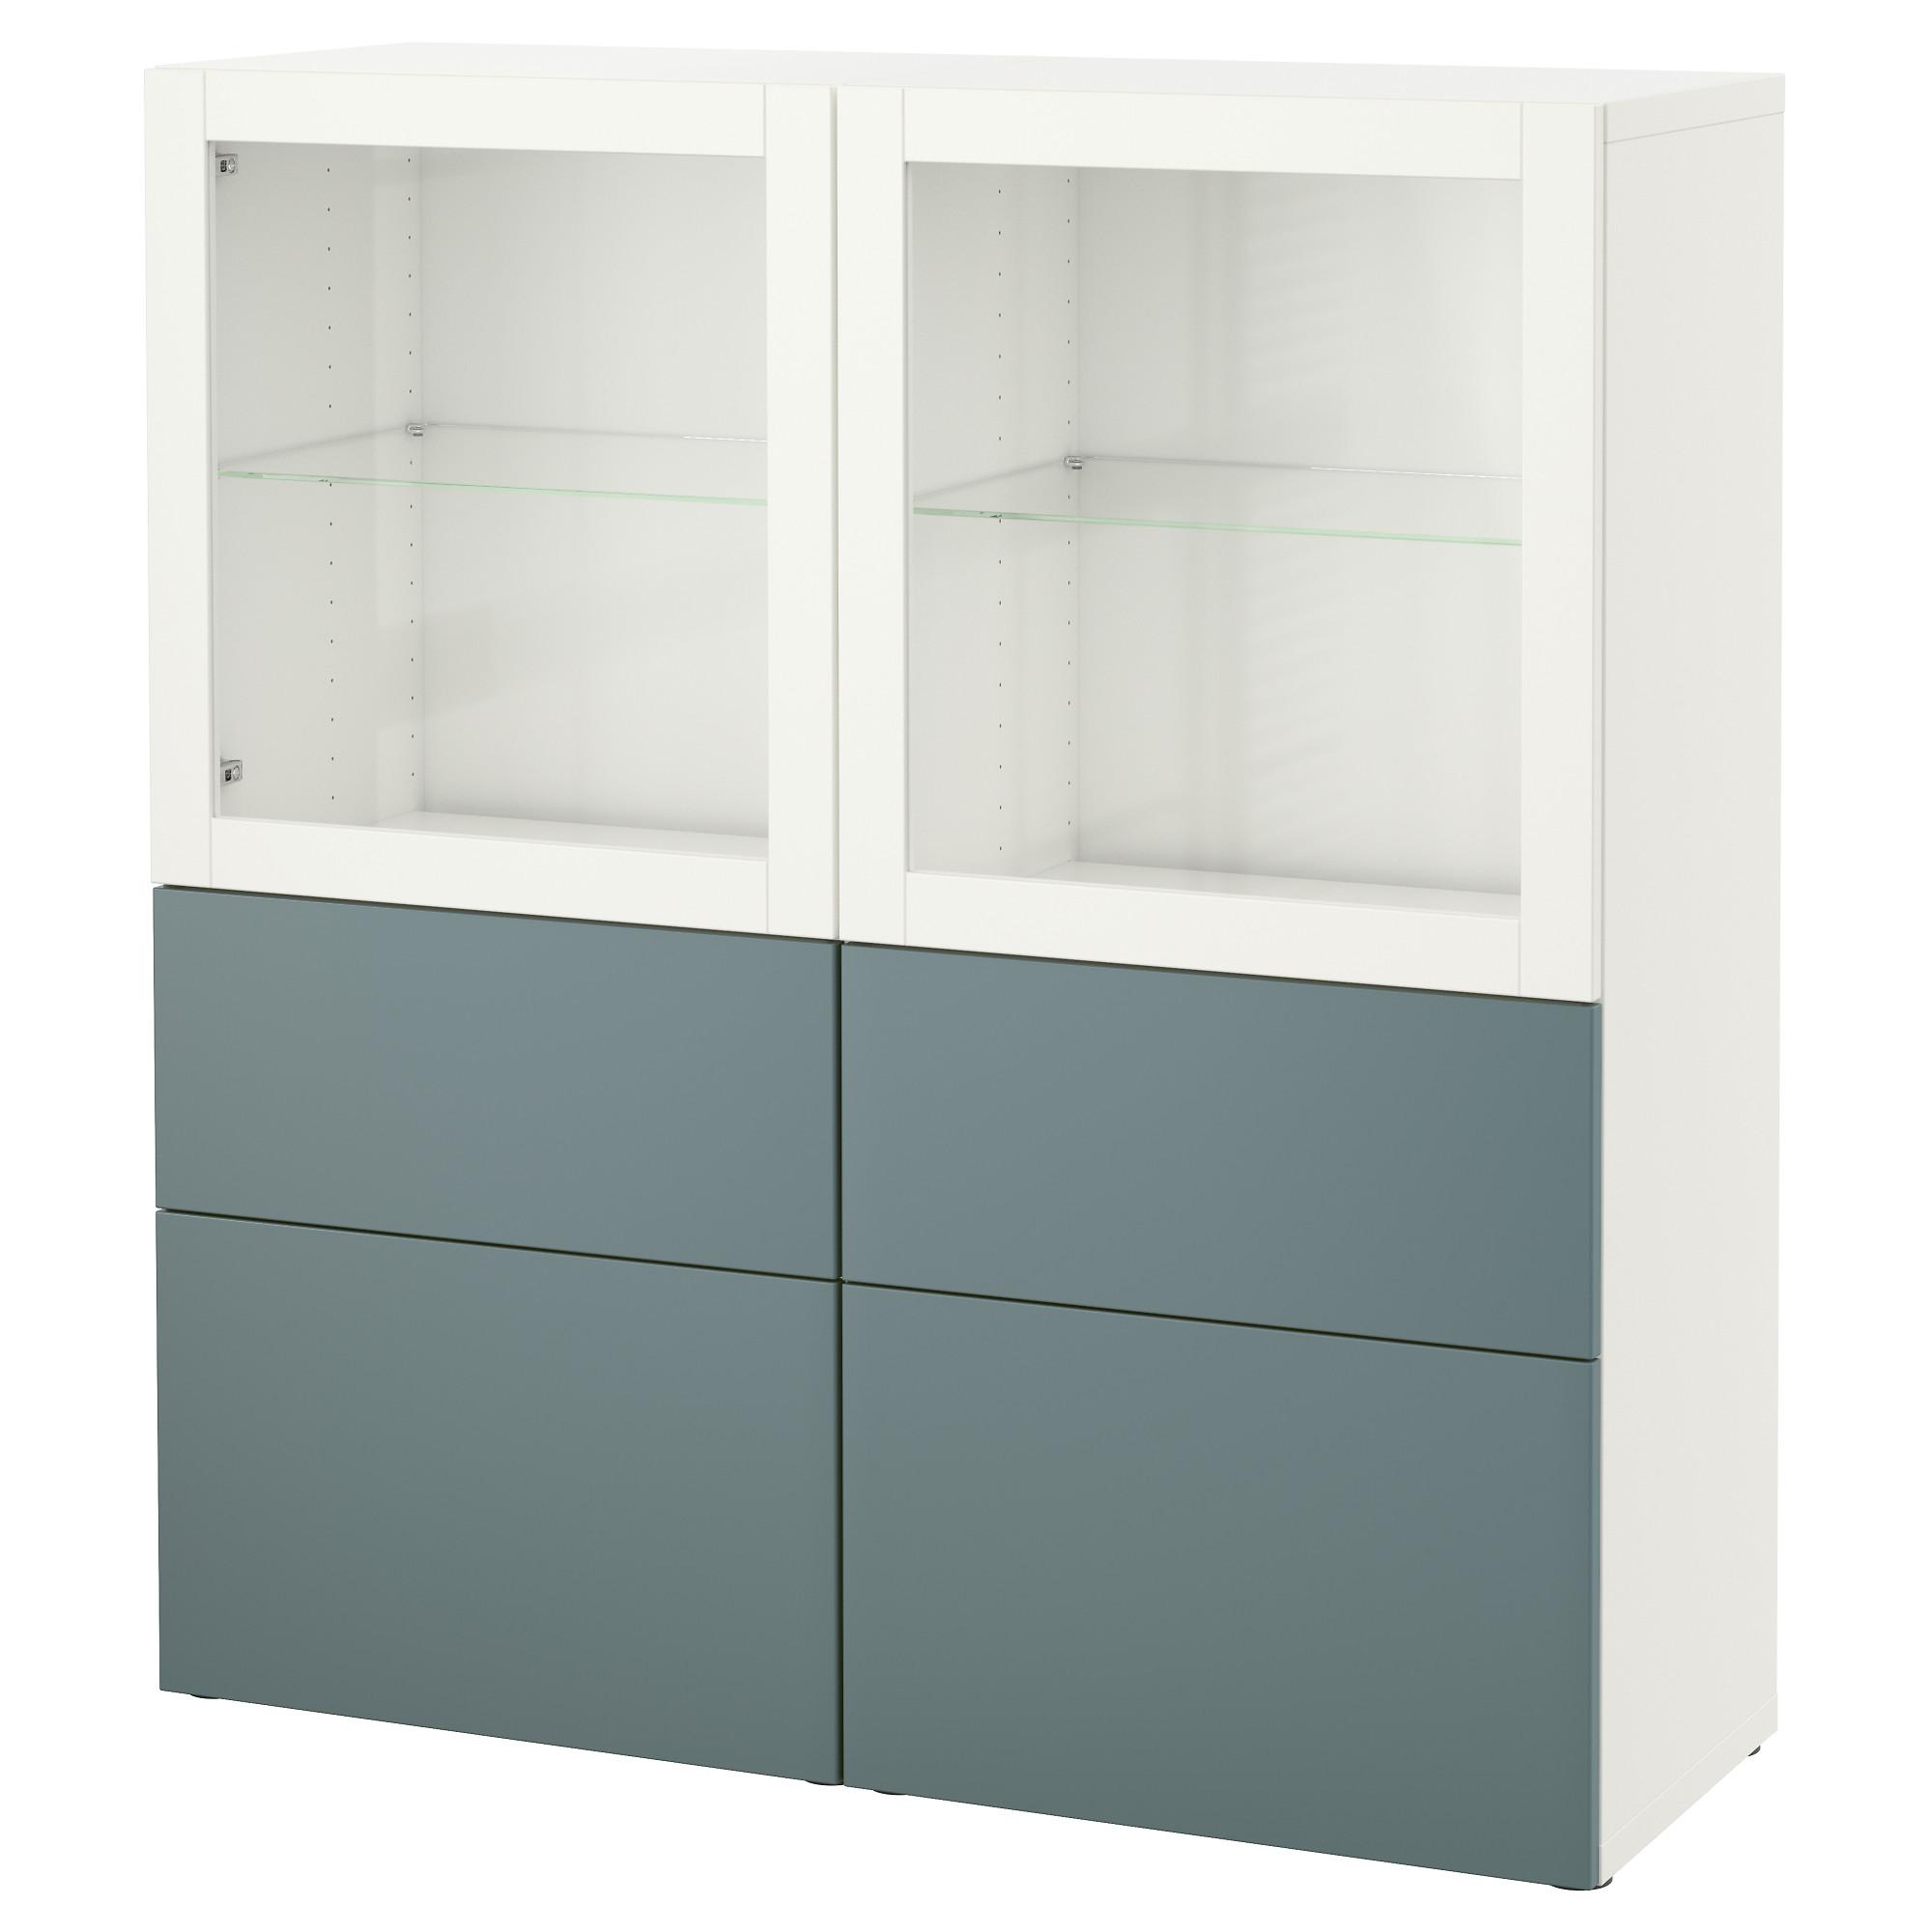 Комбинация для хранения со стеклянными дверцами БЕСТО белый артикуль № 792.482.39 в наличии. Онлайн каталог IKEA Республика Беларусь. Быстрая доставка и установка.